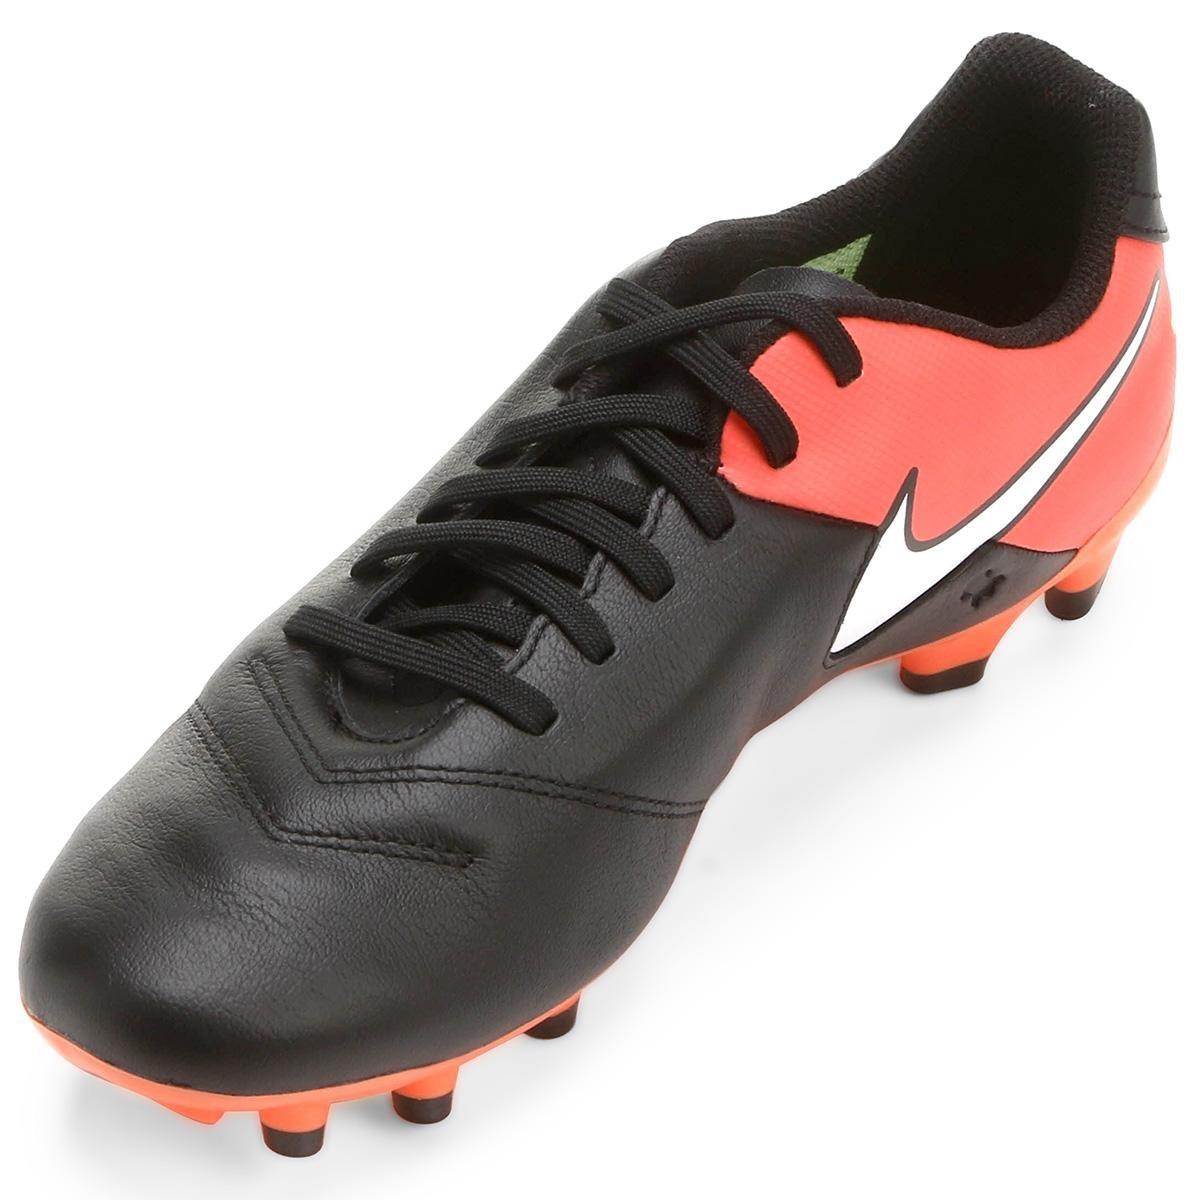 7fdb7fa098 Chuteira Campo Nike Tiempo Genio 2 Leather FG - Compre Agora